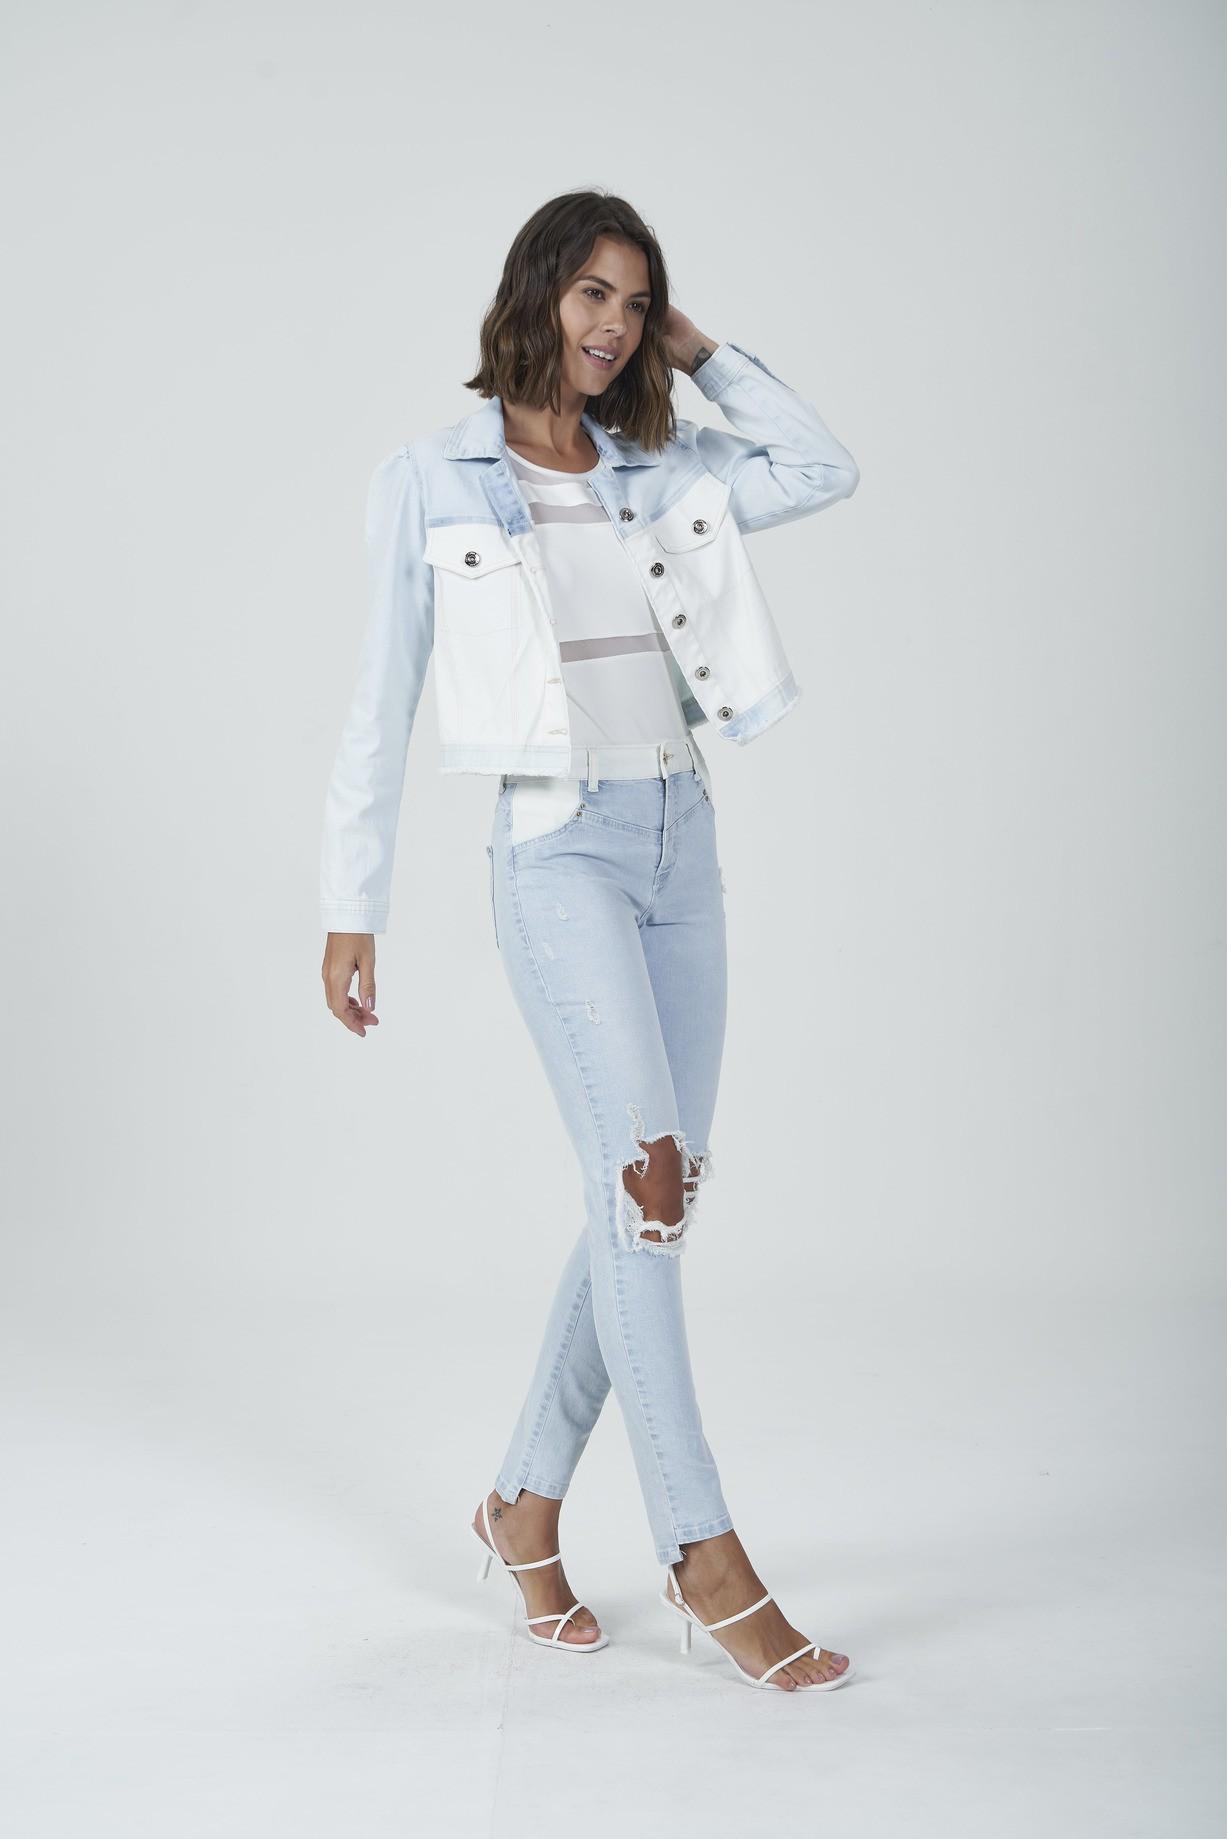 Jaqueta Jeans/Off Gatabakana  - Choque Concept